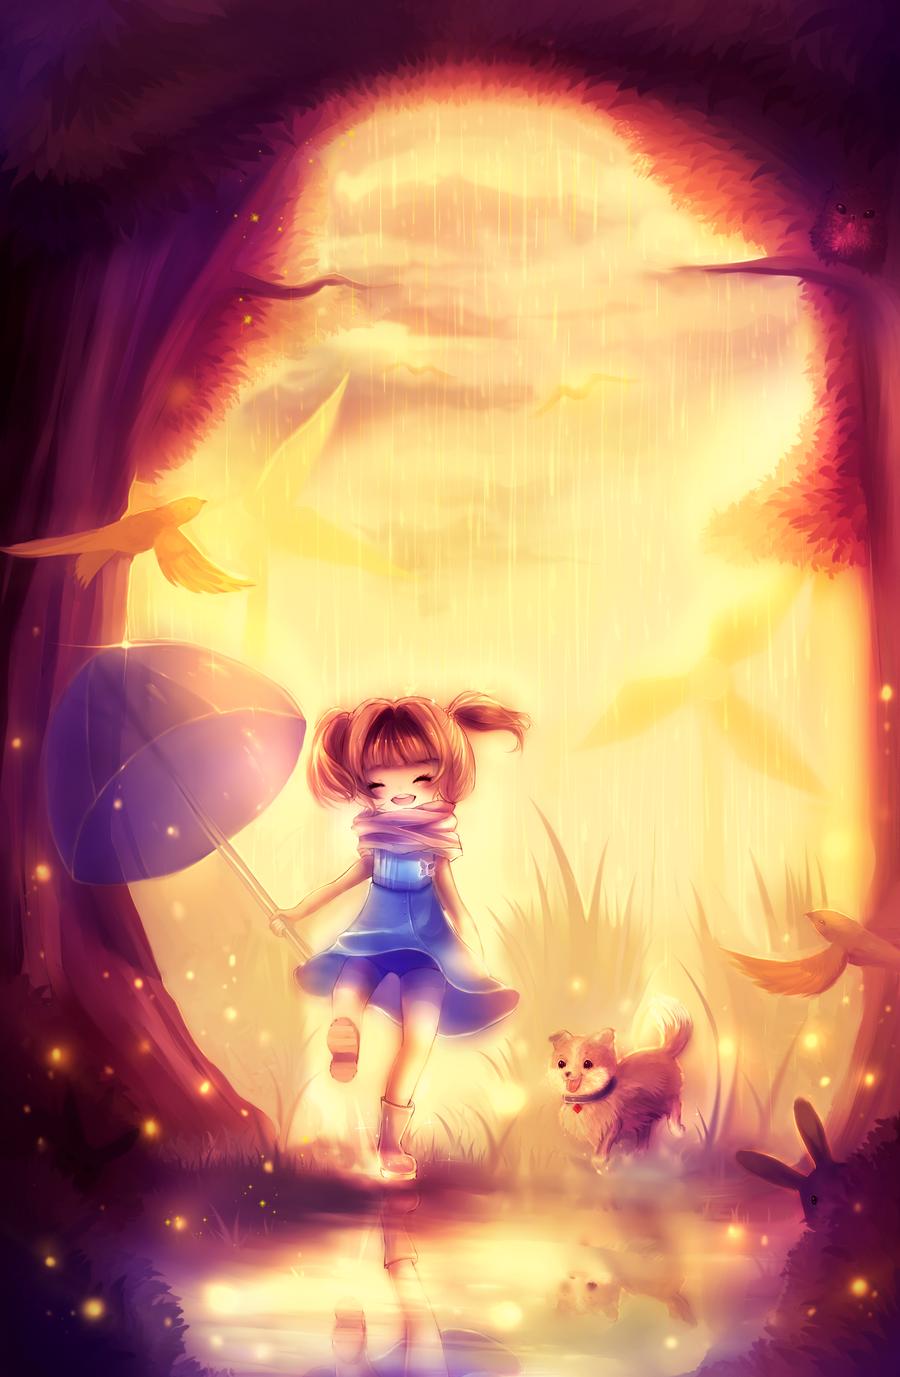 Sunset Firefly by Yamio